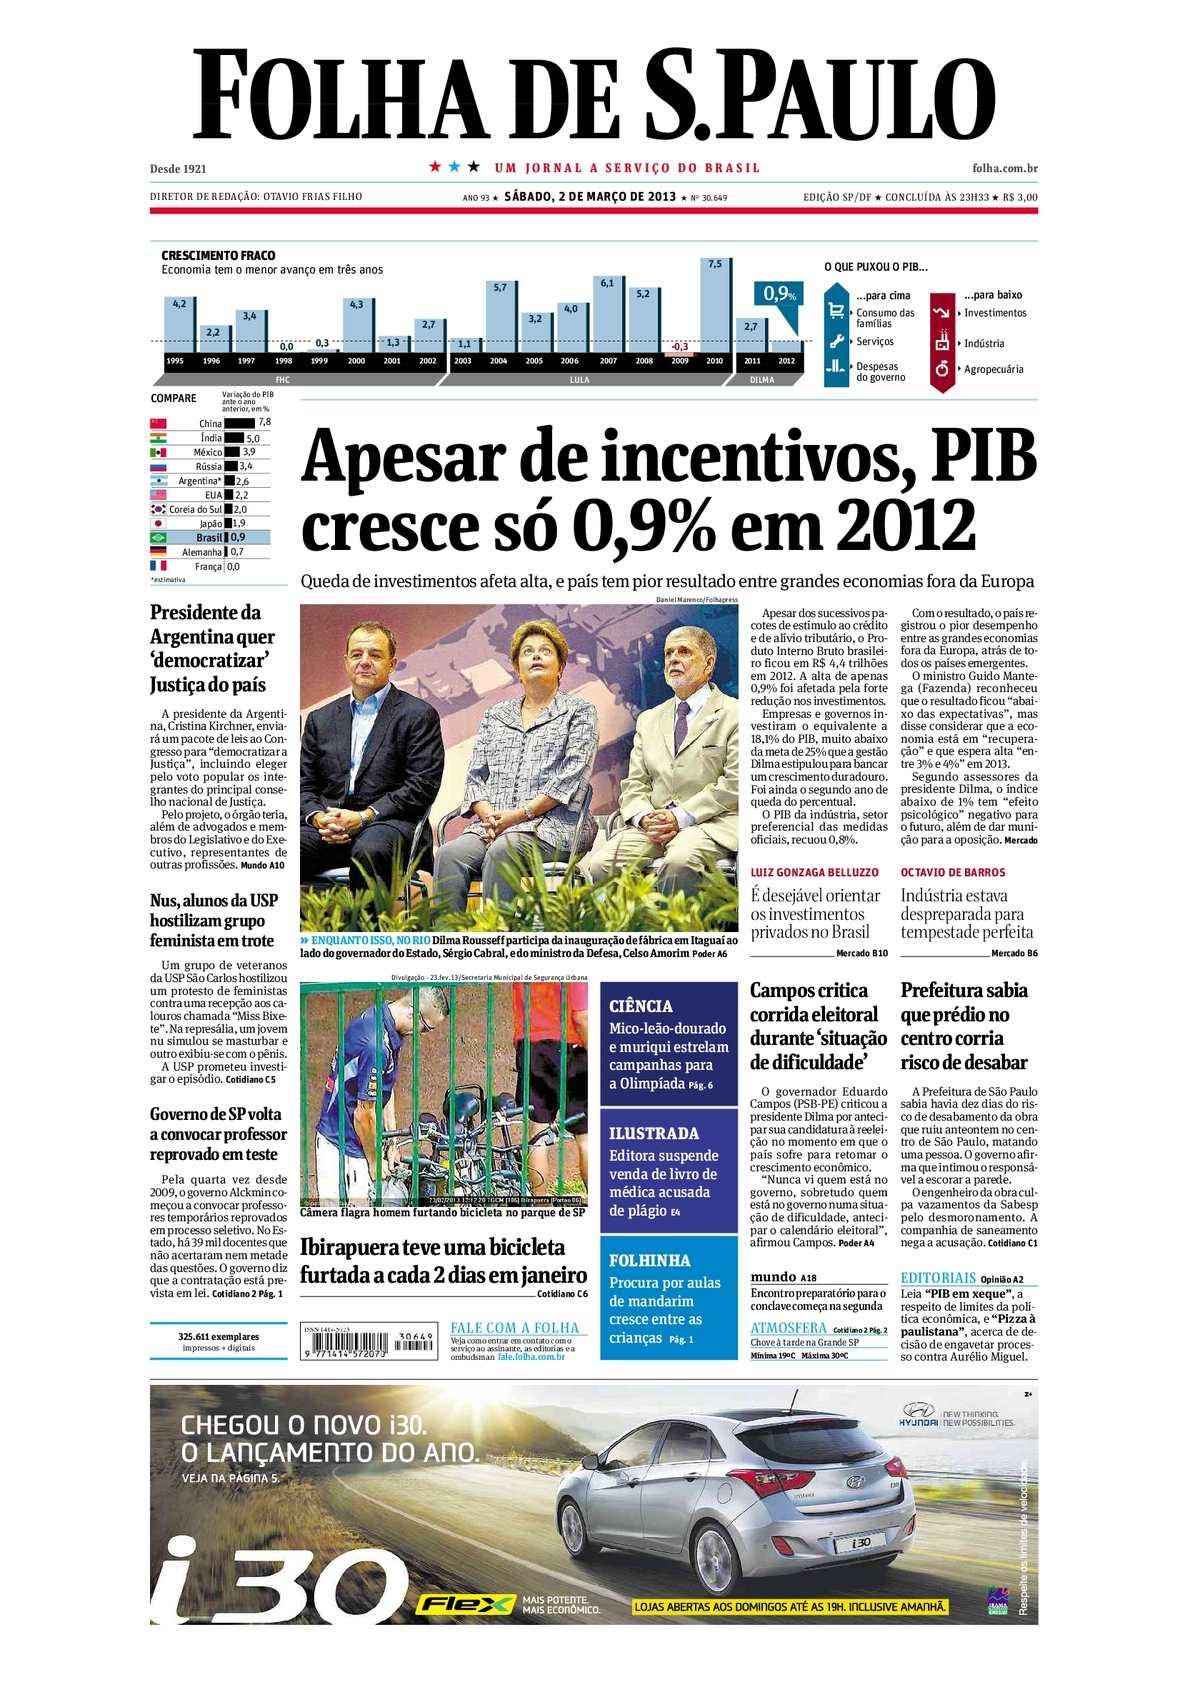 Calaméo - Folha de São Paulo - 02 03 13 644f6078add32